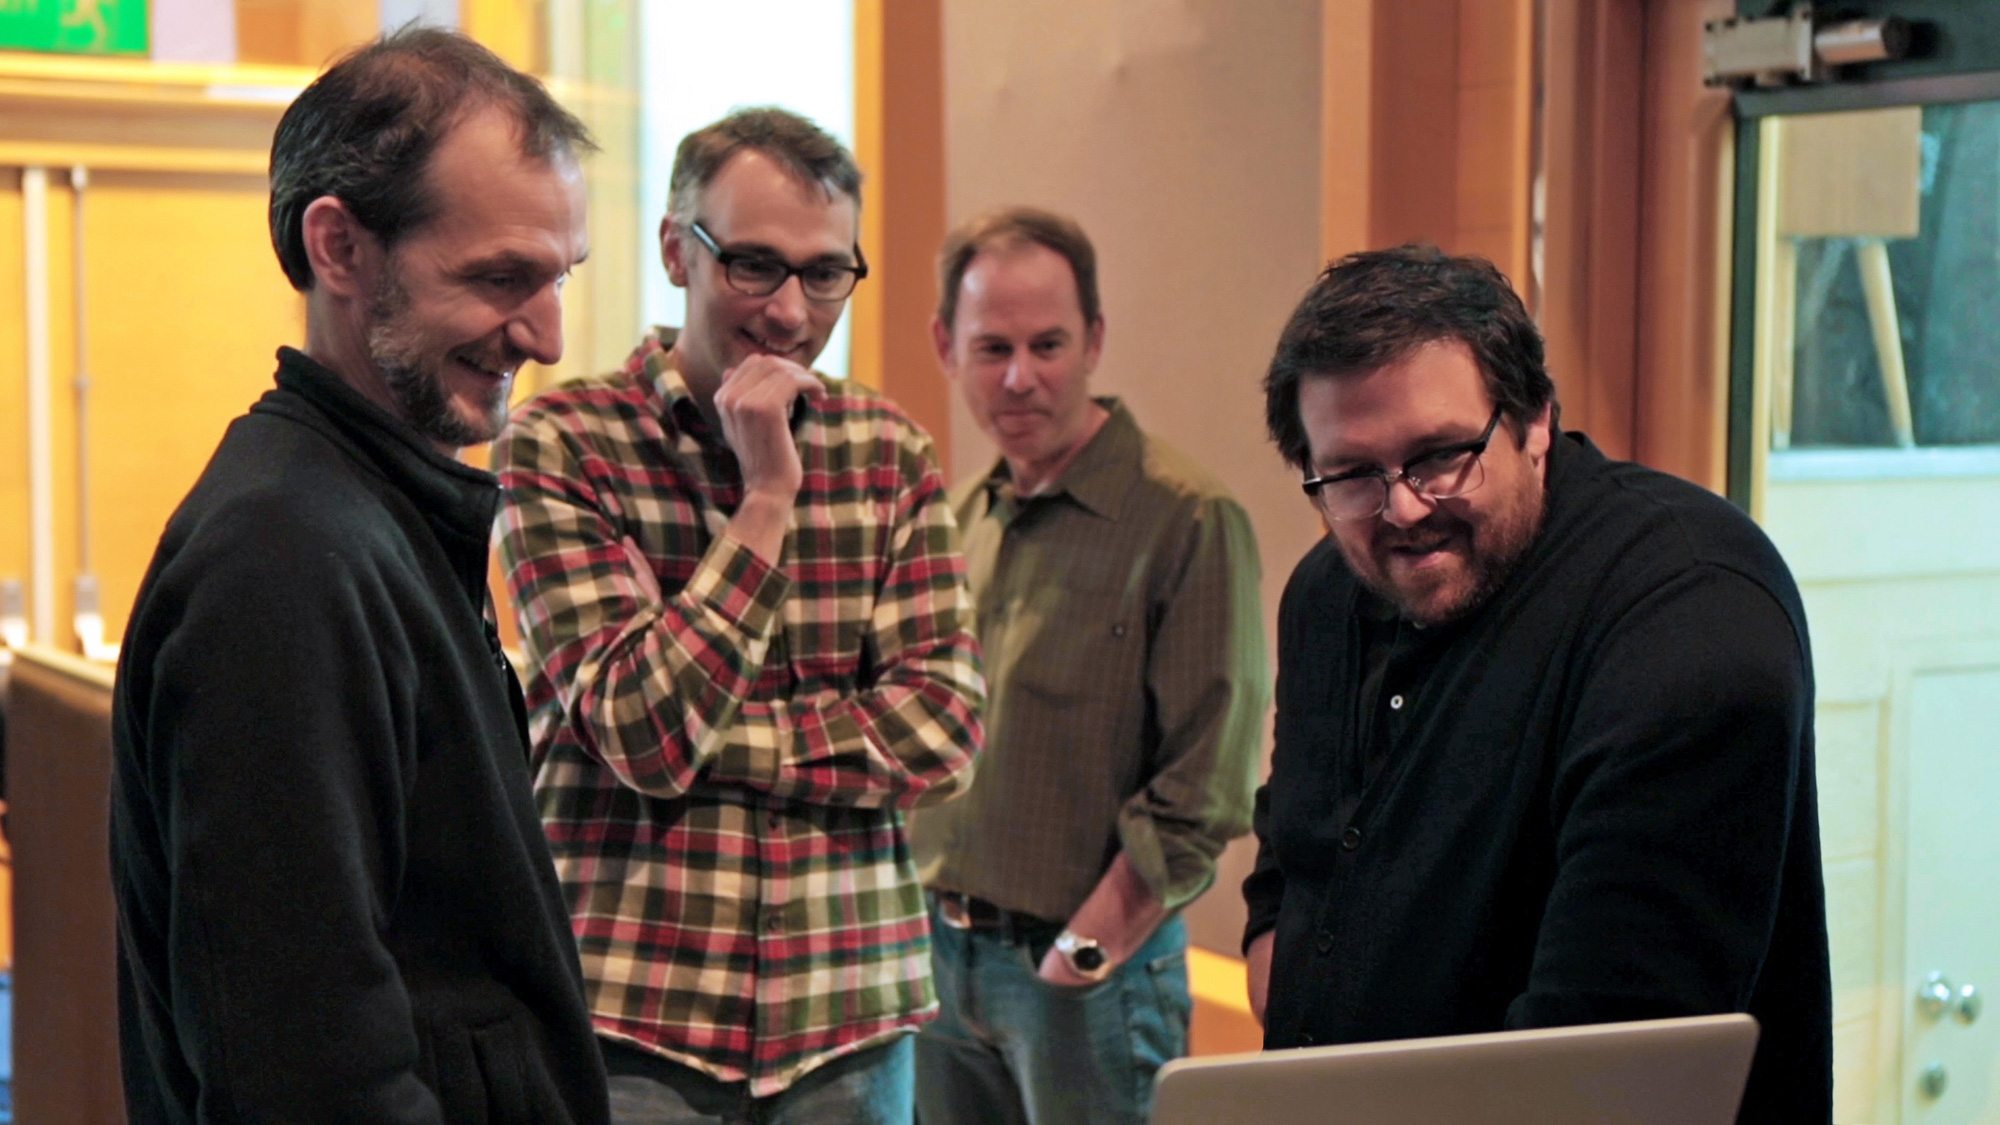 Boxtrolls directors